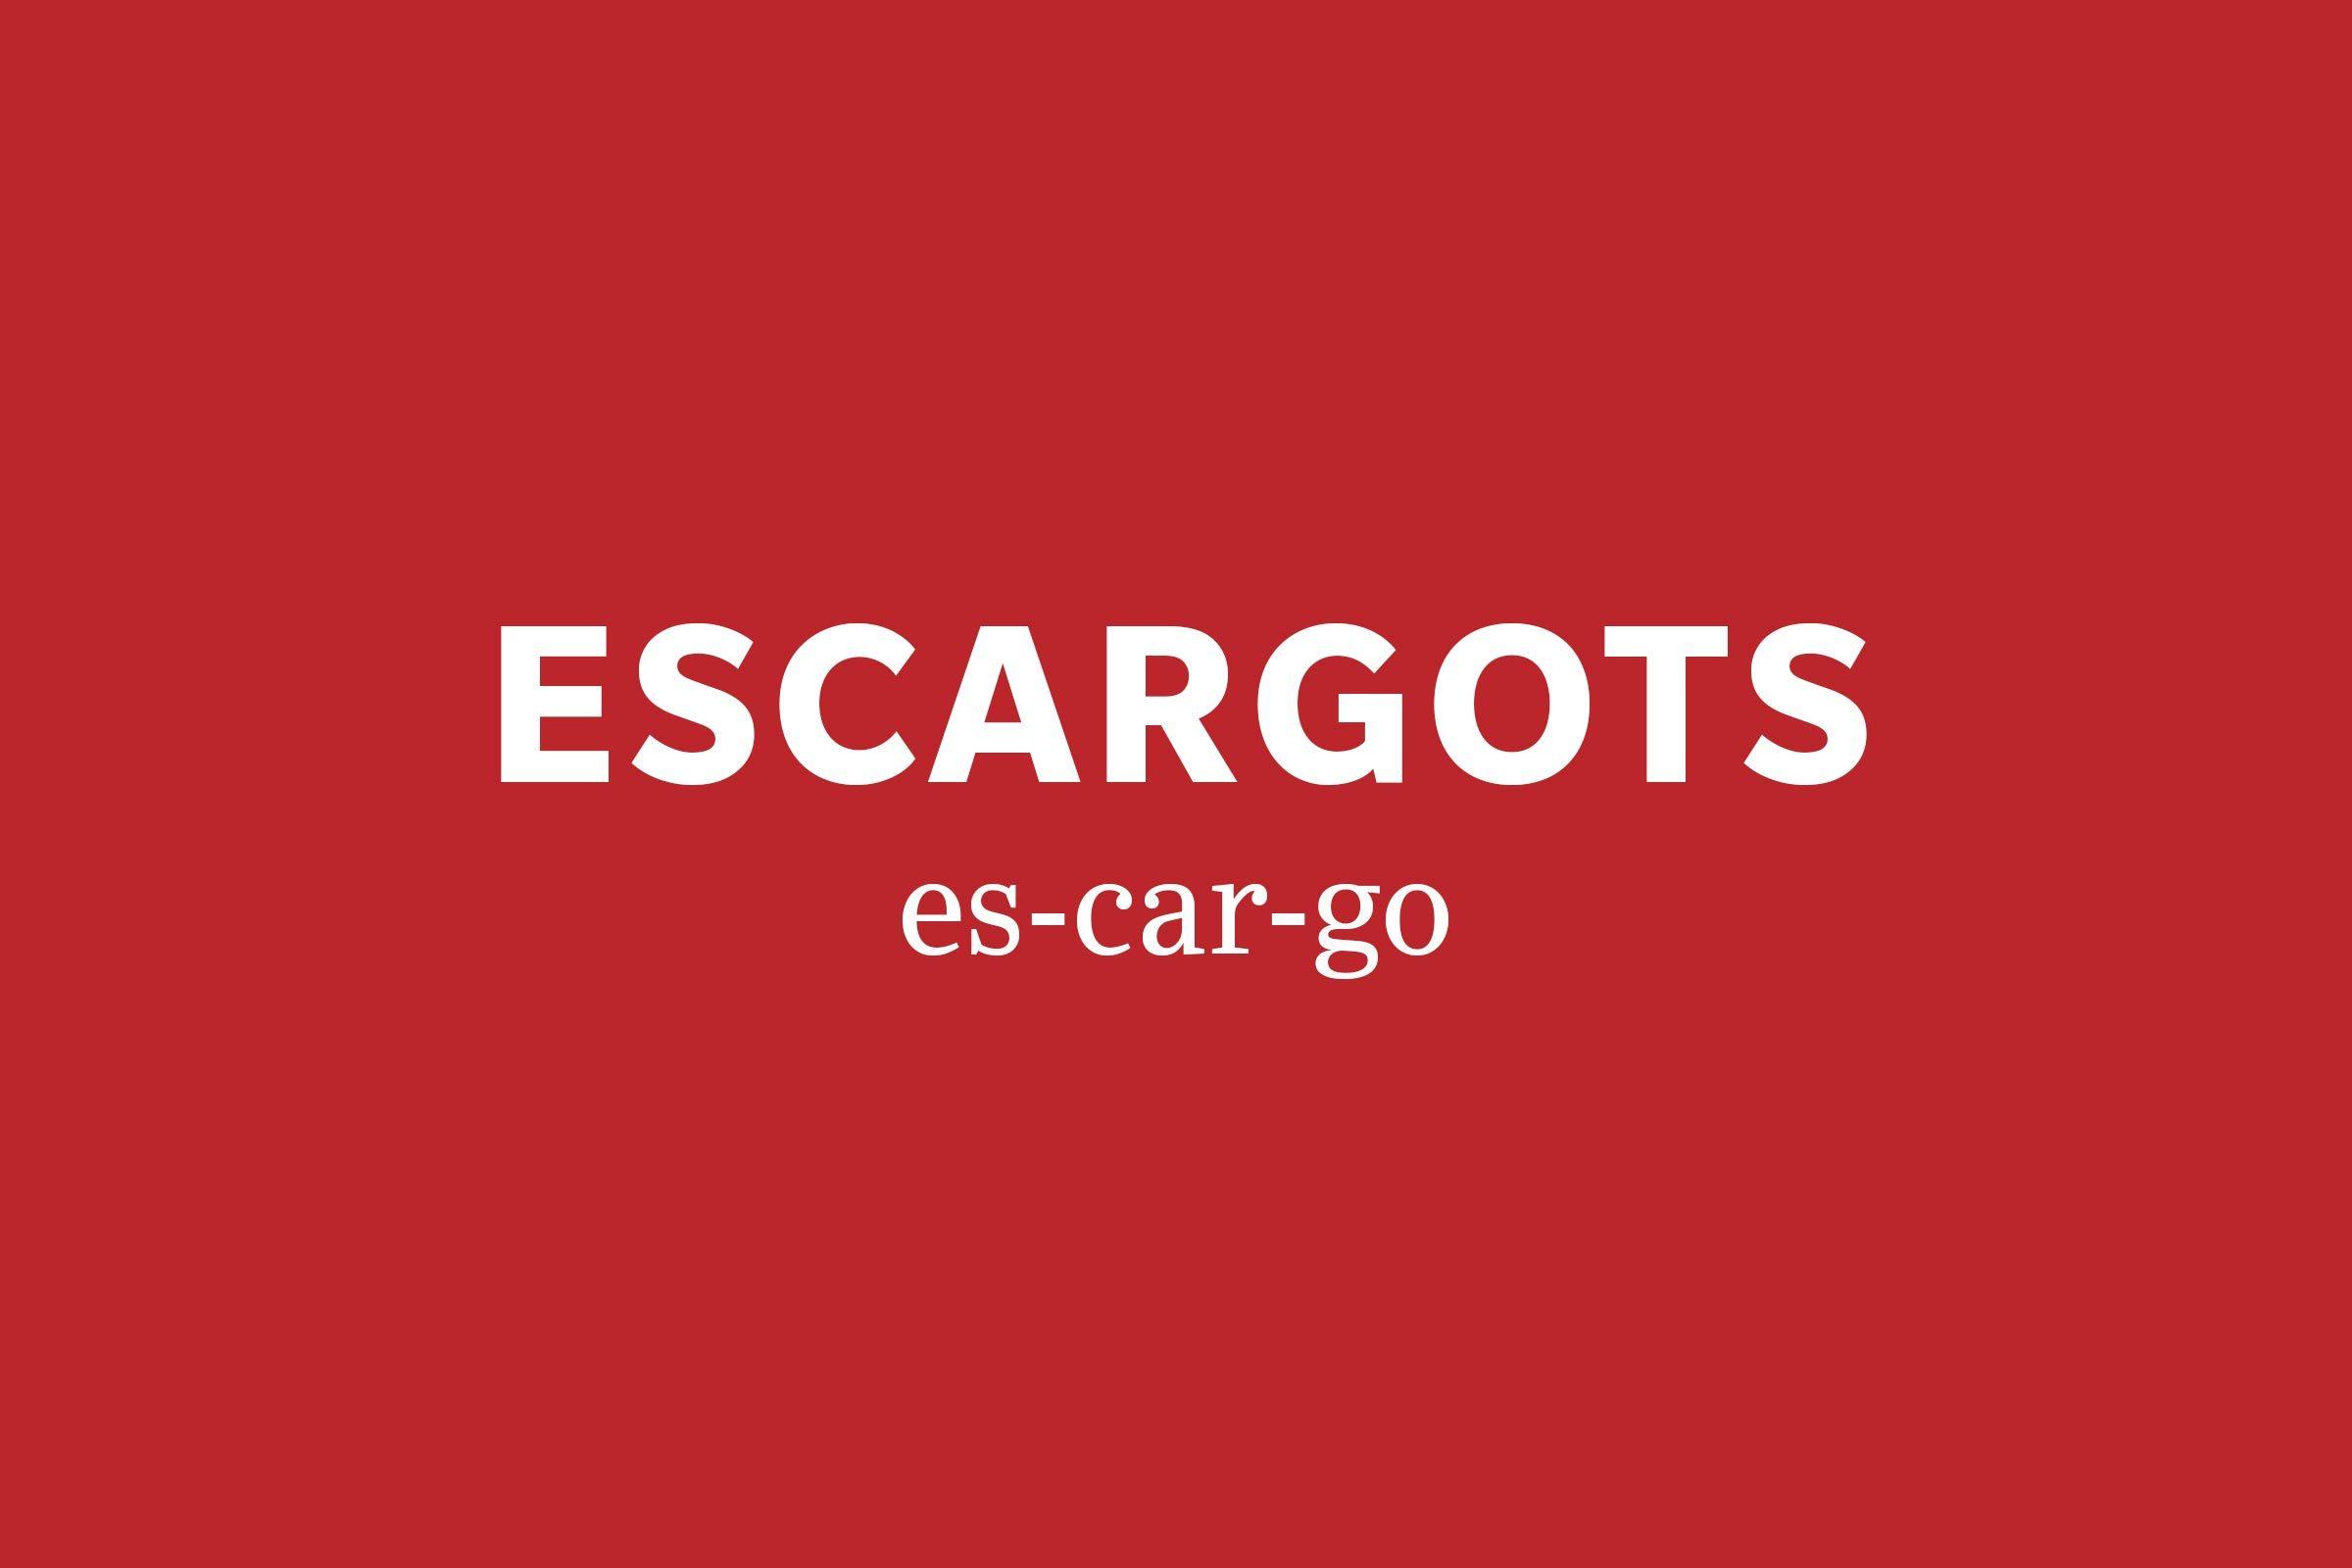 escargots pronunciation